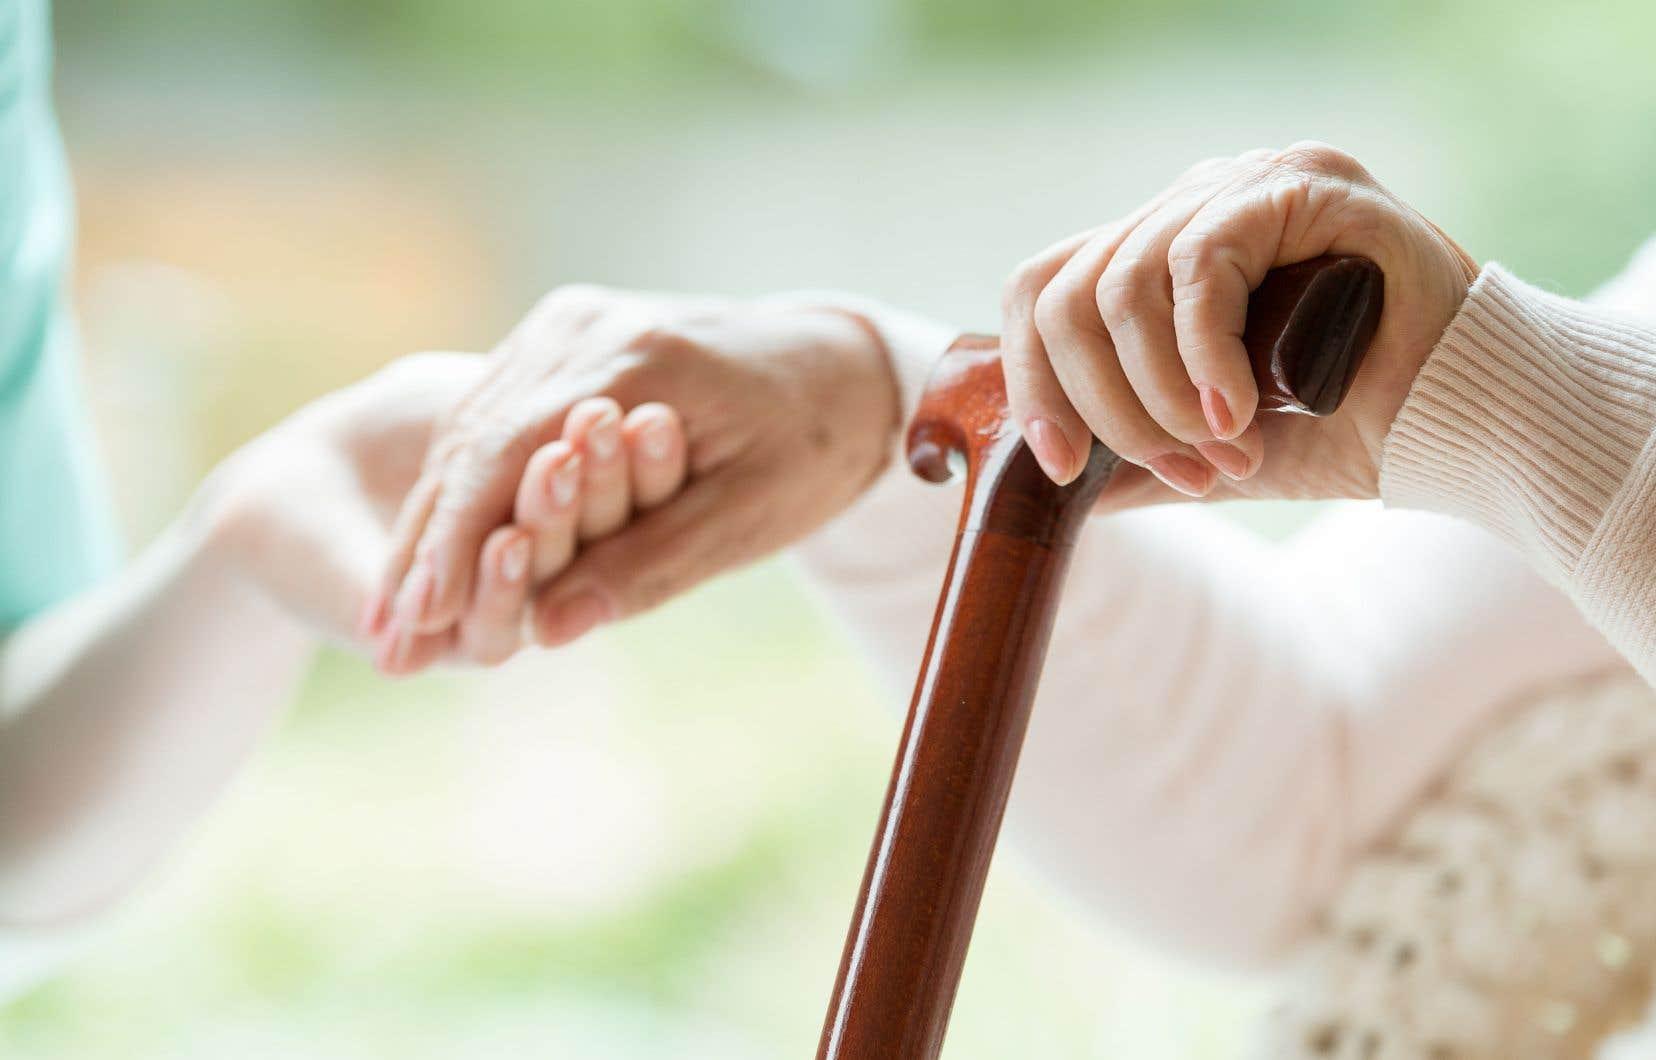 <p>SAMse veut un outil de télémédecine semi-autonome qui permet d'assurer un meilleur suivi des personnes vieillissantes à leur domicile.</p>